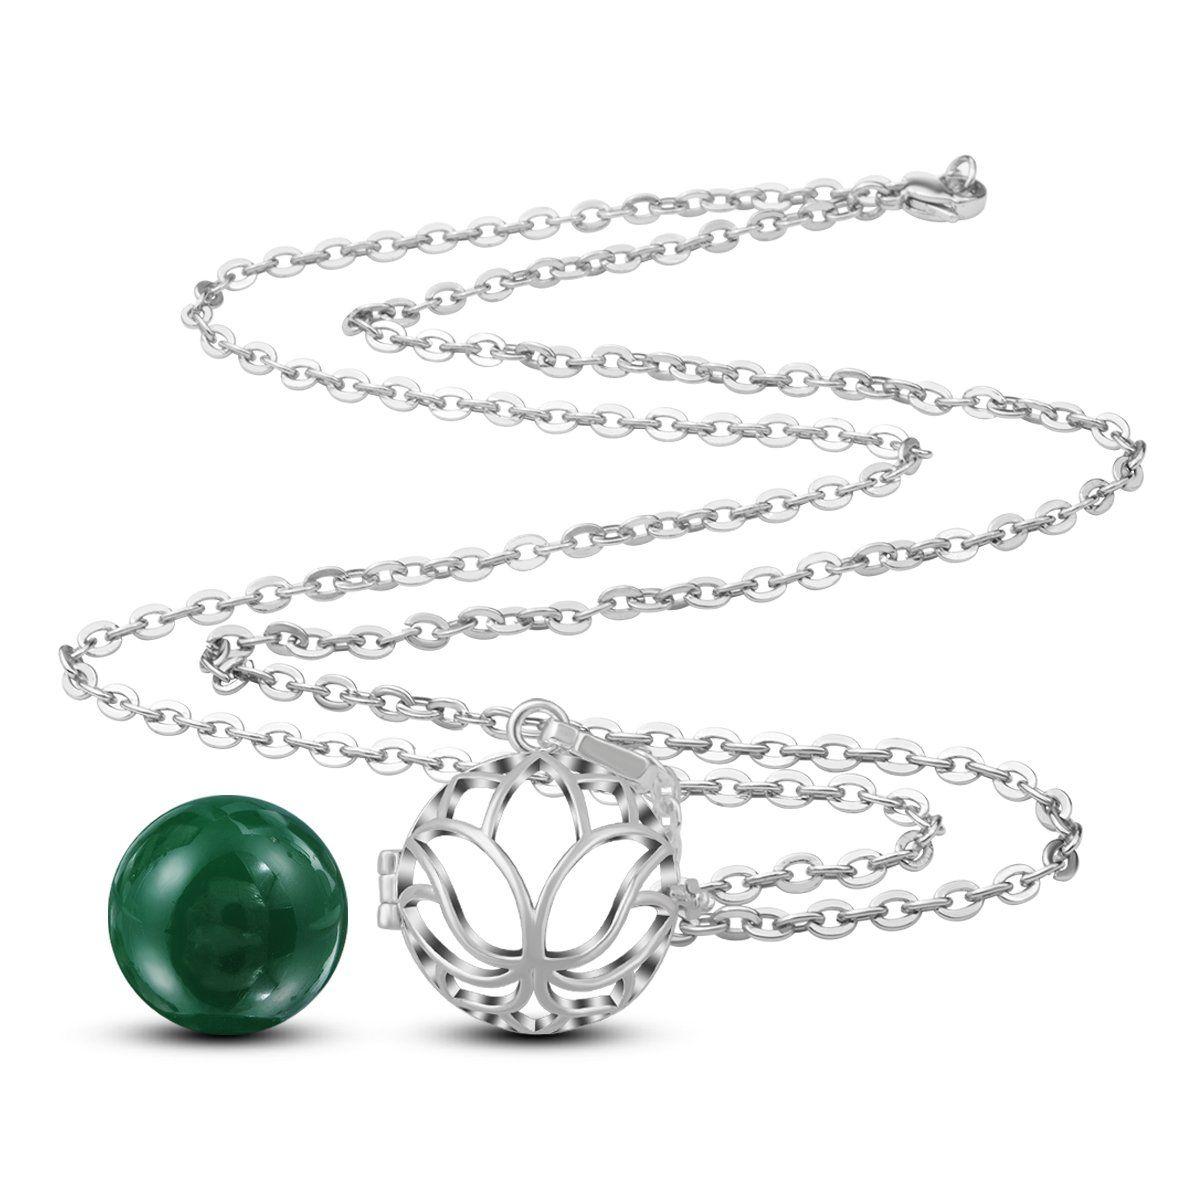 lotus flower necklace amazon